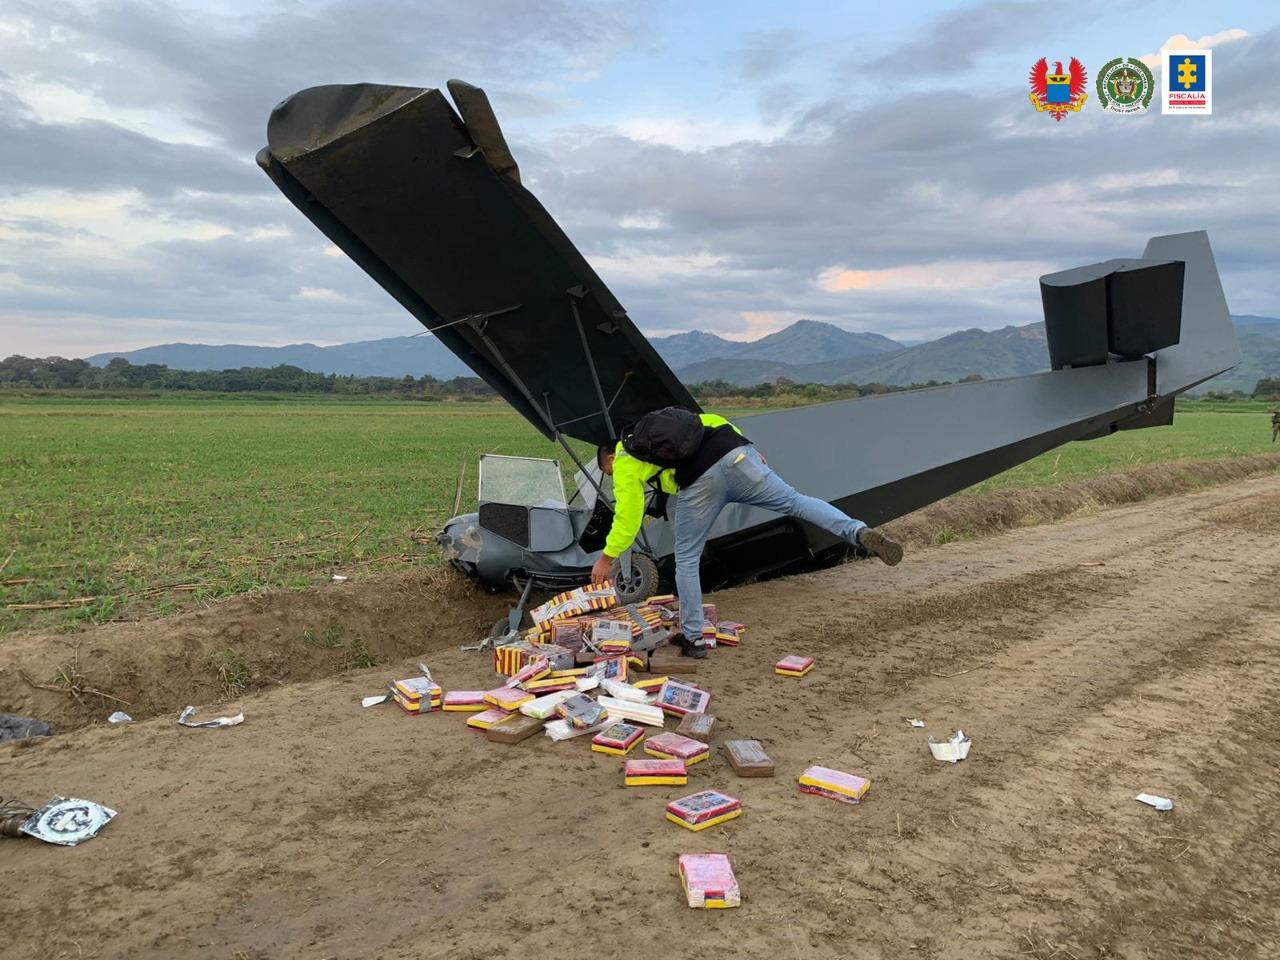 Fiscalía investiga origen y responsables de 172 kilos de cocaína encontrados en una avioneta abandonada - Noticias de Colombia